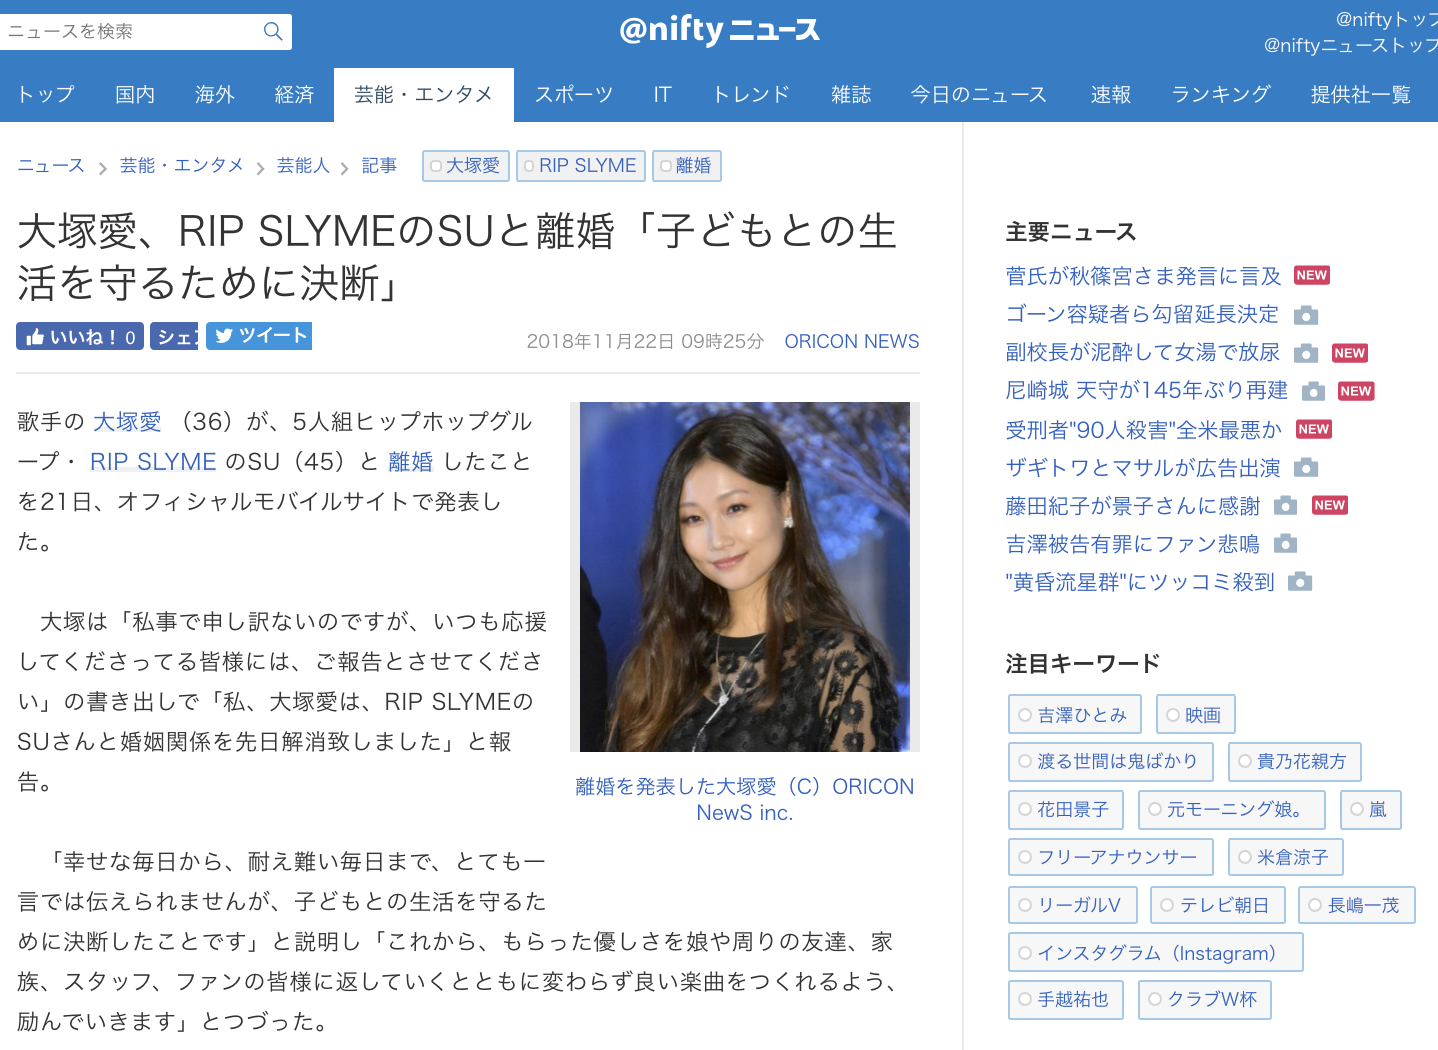 大塚愛、RIP SLYMEのSUと離婚「子どもとの生活を守るために決断」